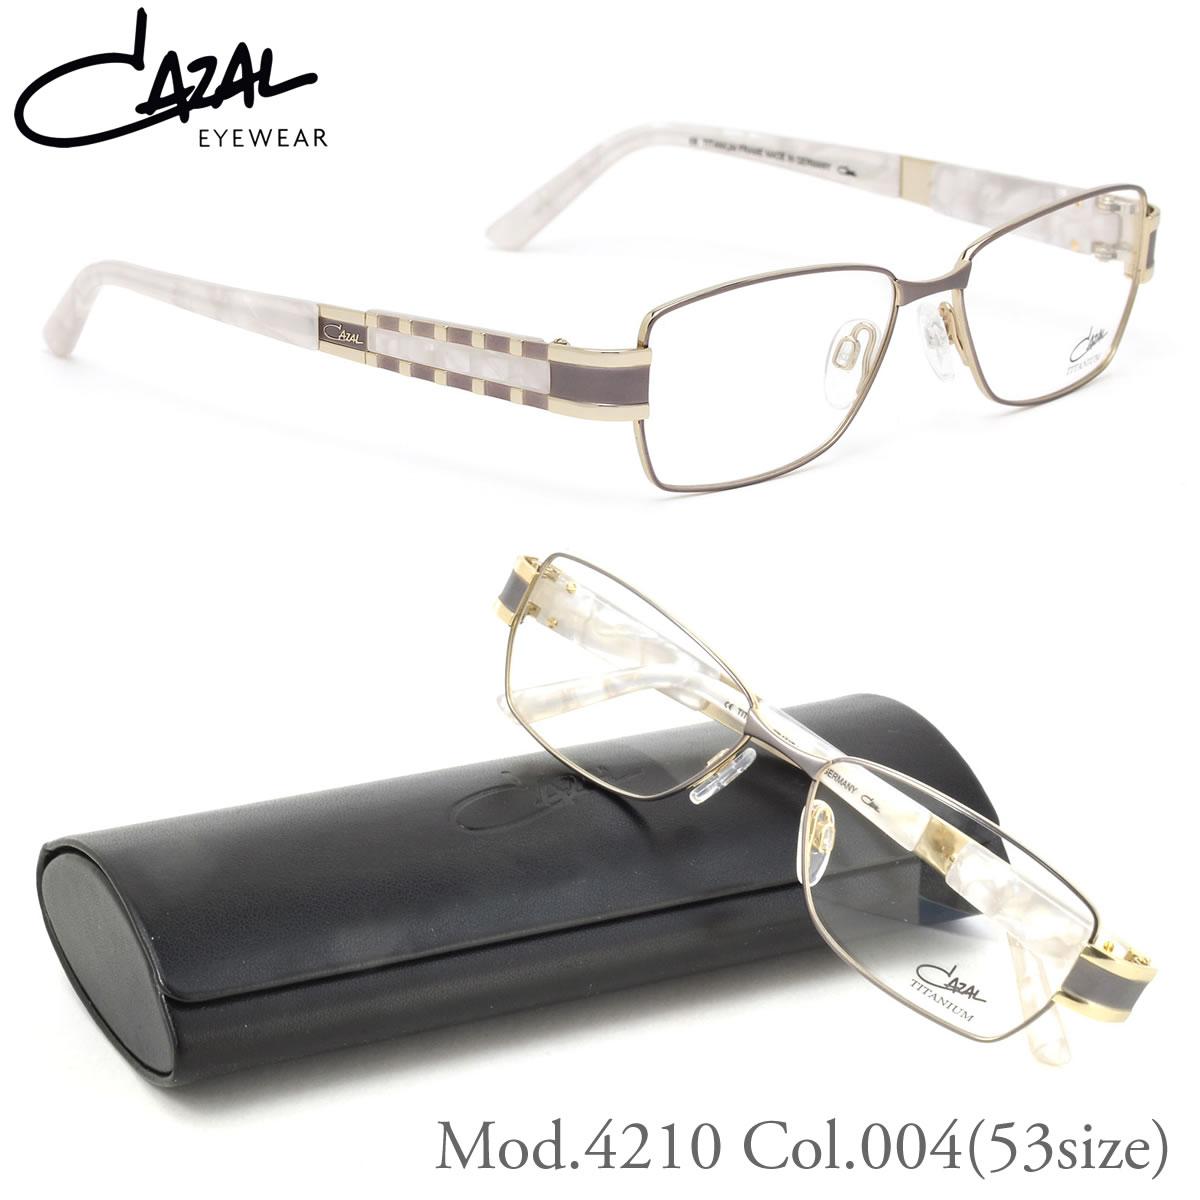 【10月30日からエントリーで全品ポイント20倍】【CAZAL】(カザール) メガネ フレーム 4210 004 53サイズ スクエア チタン カザール CAZAL メンズ レディース